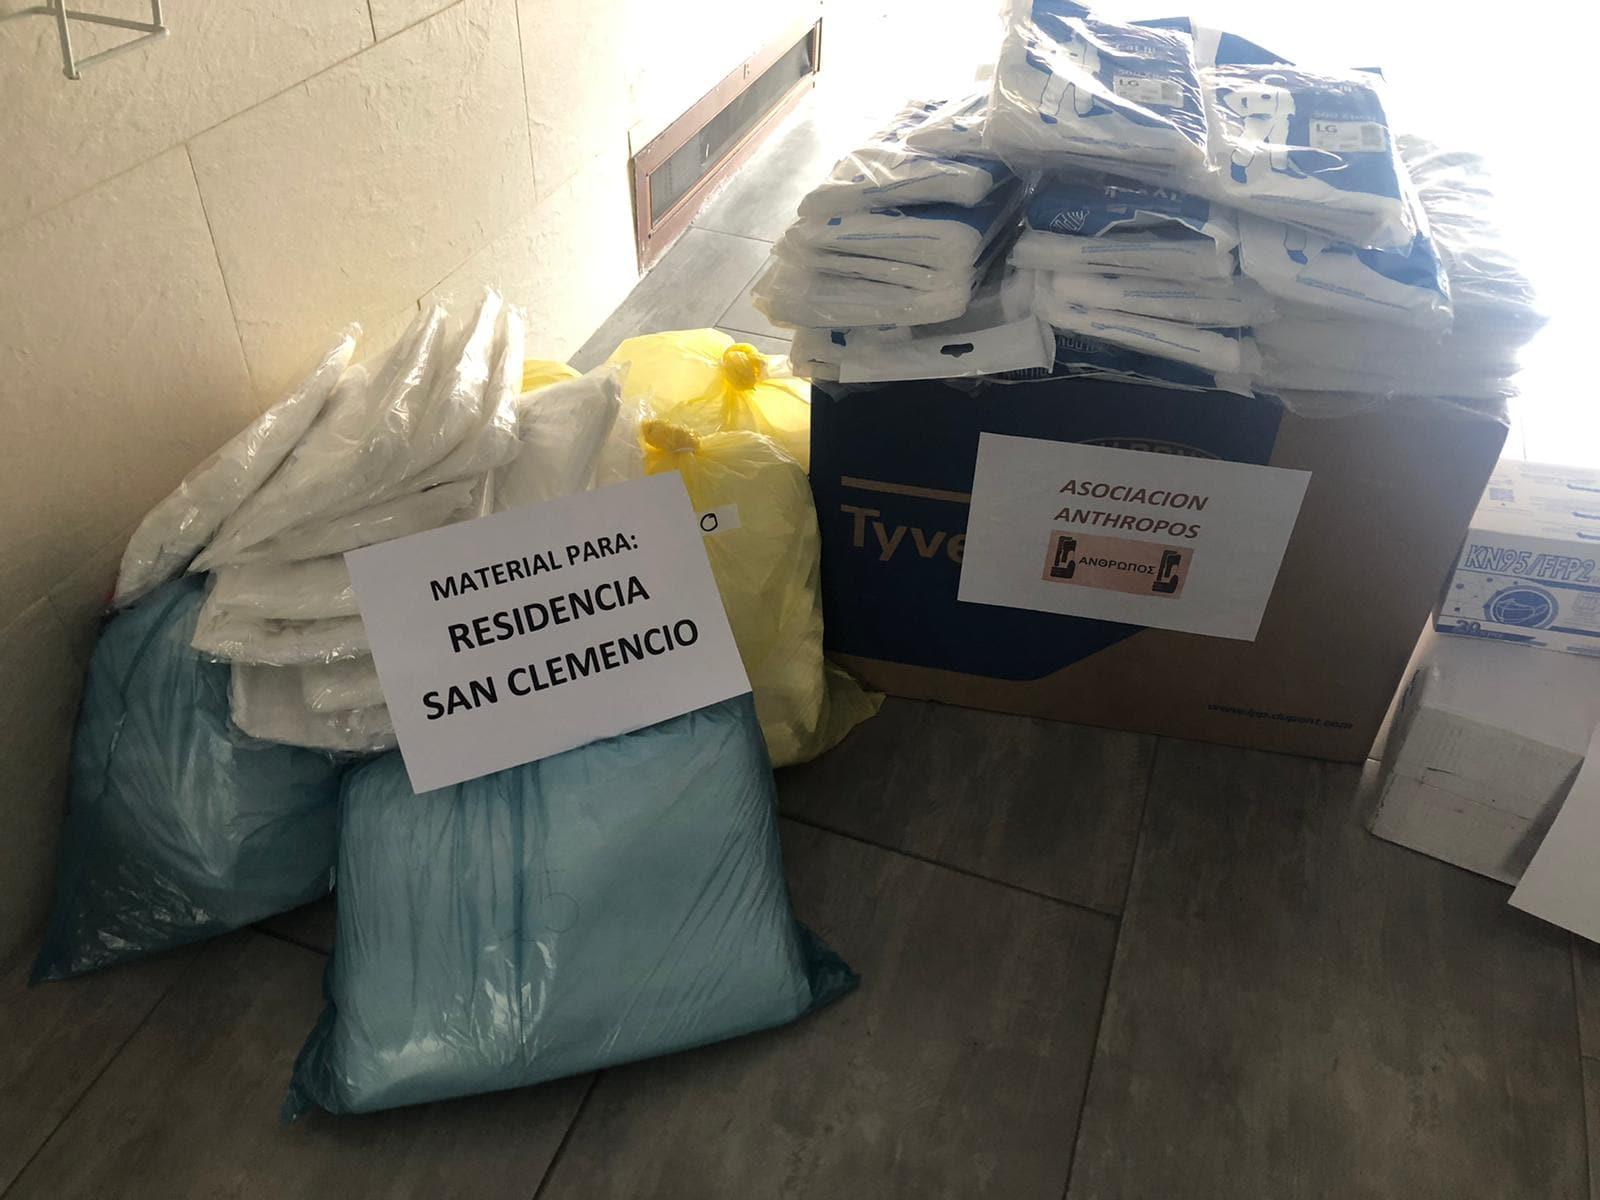 La Residencia San Clemencio de Malagón recibe la donación de material homologado desde Herencia 10